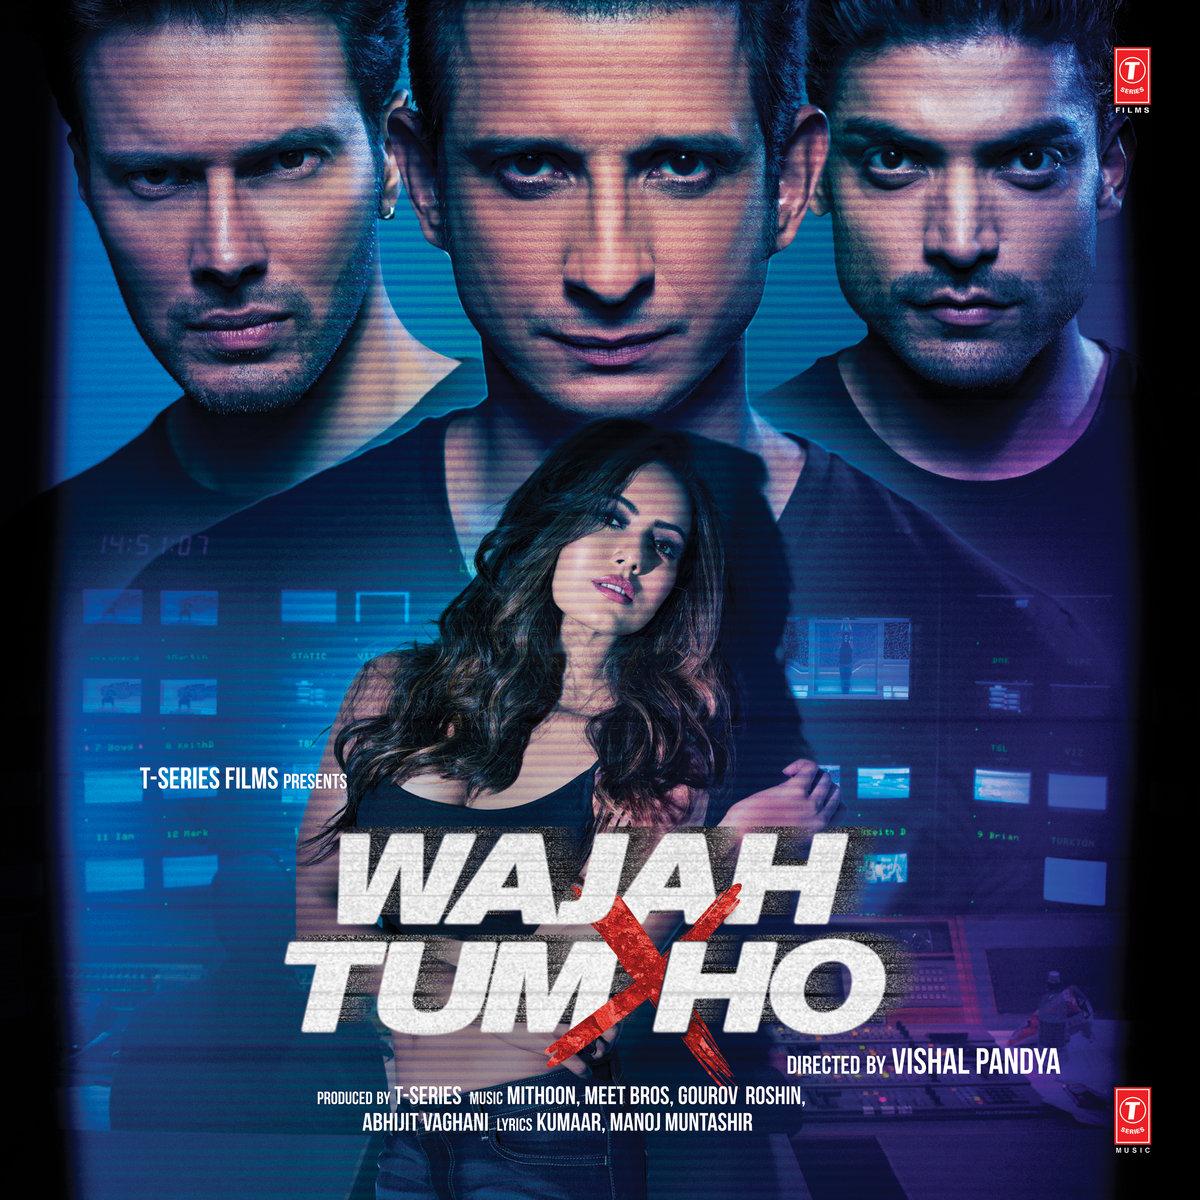 Sultana Mera Naam Malayalam Movie Download 3gp | tiosopimong